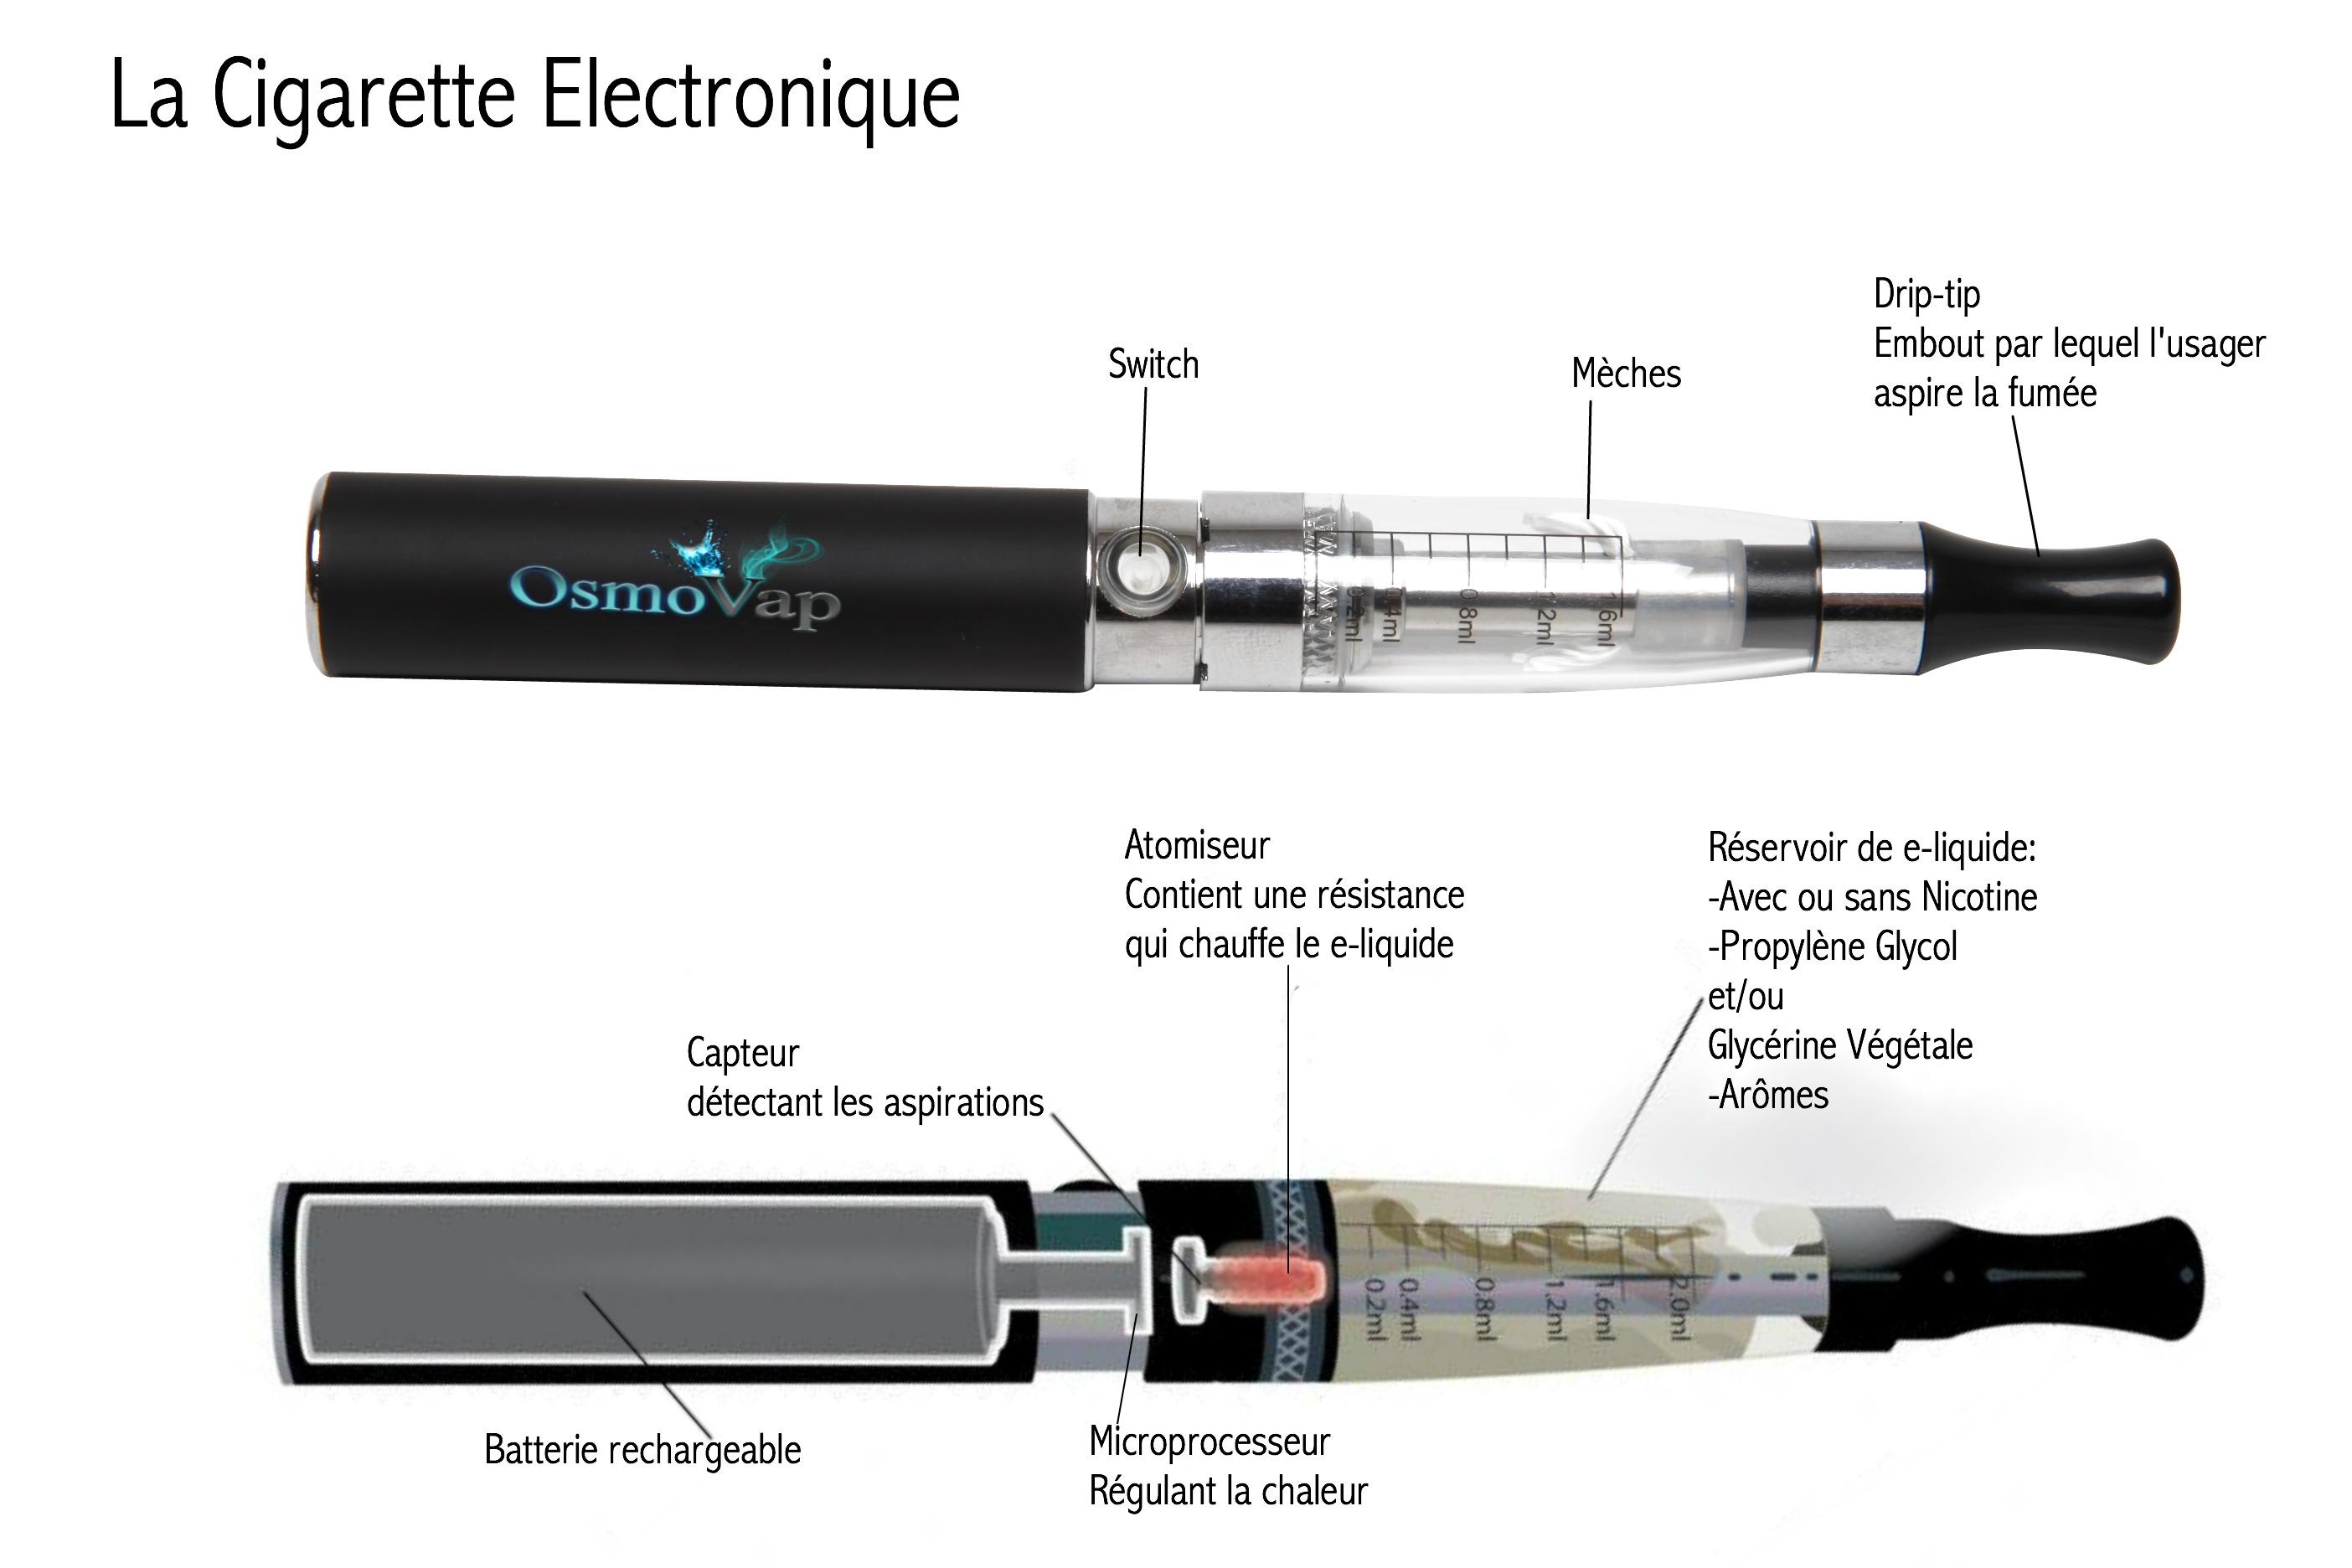 Coupe d'une cigarette électronique